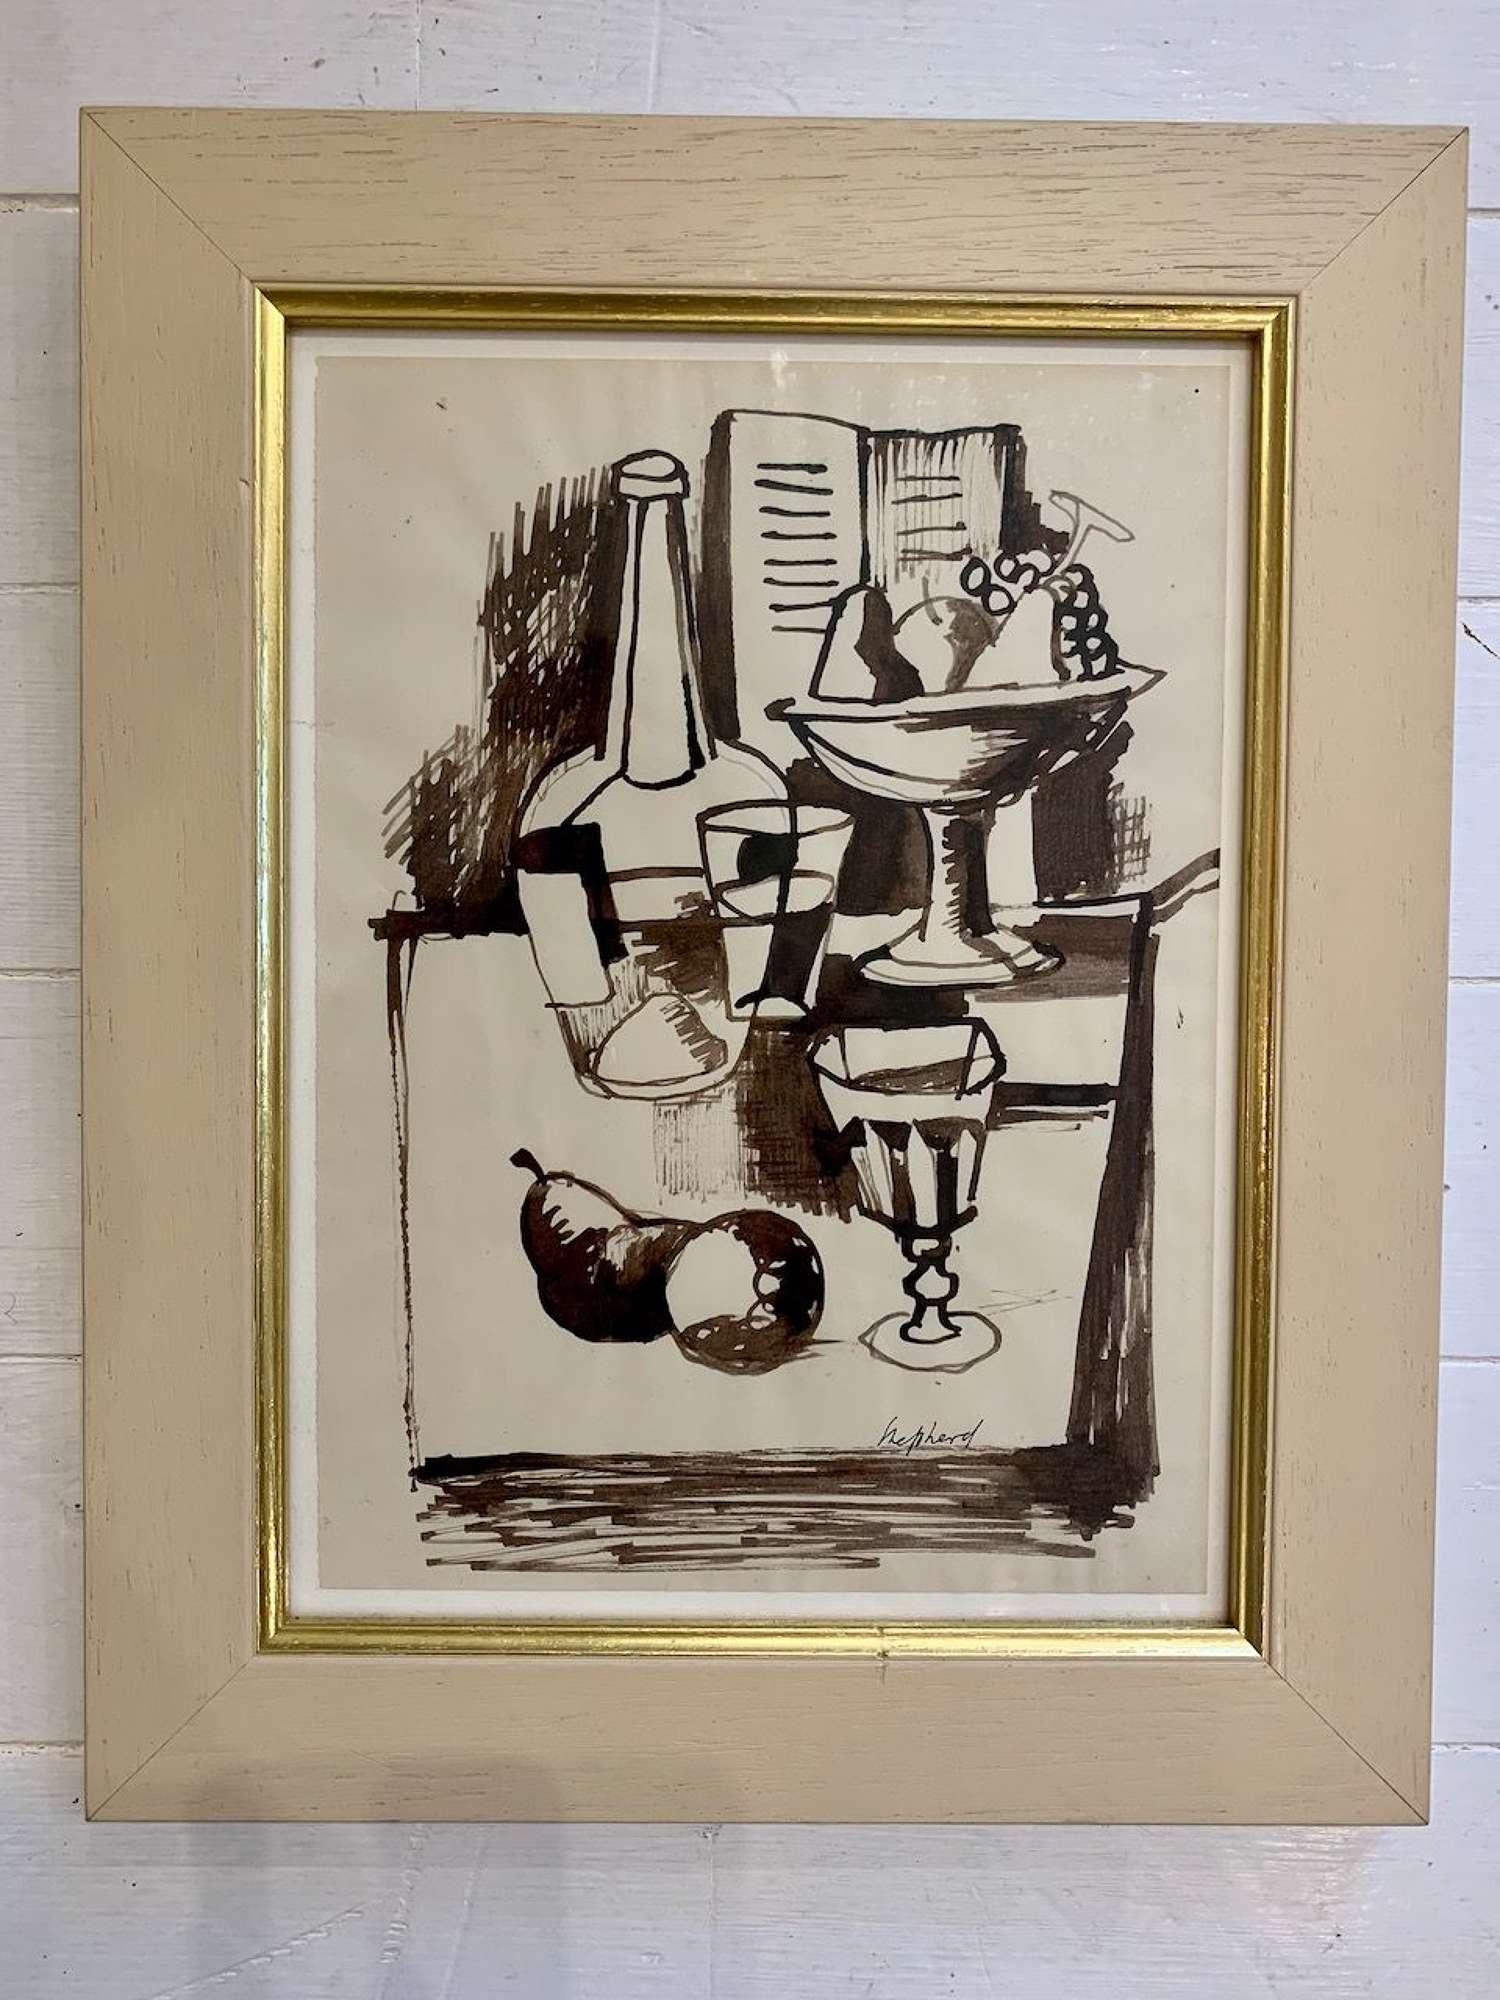 Still life ink drawing